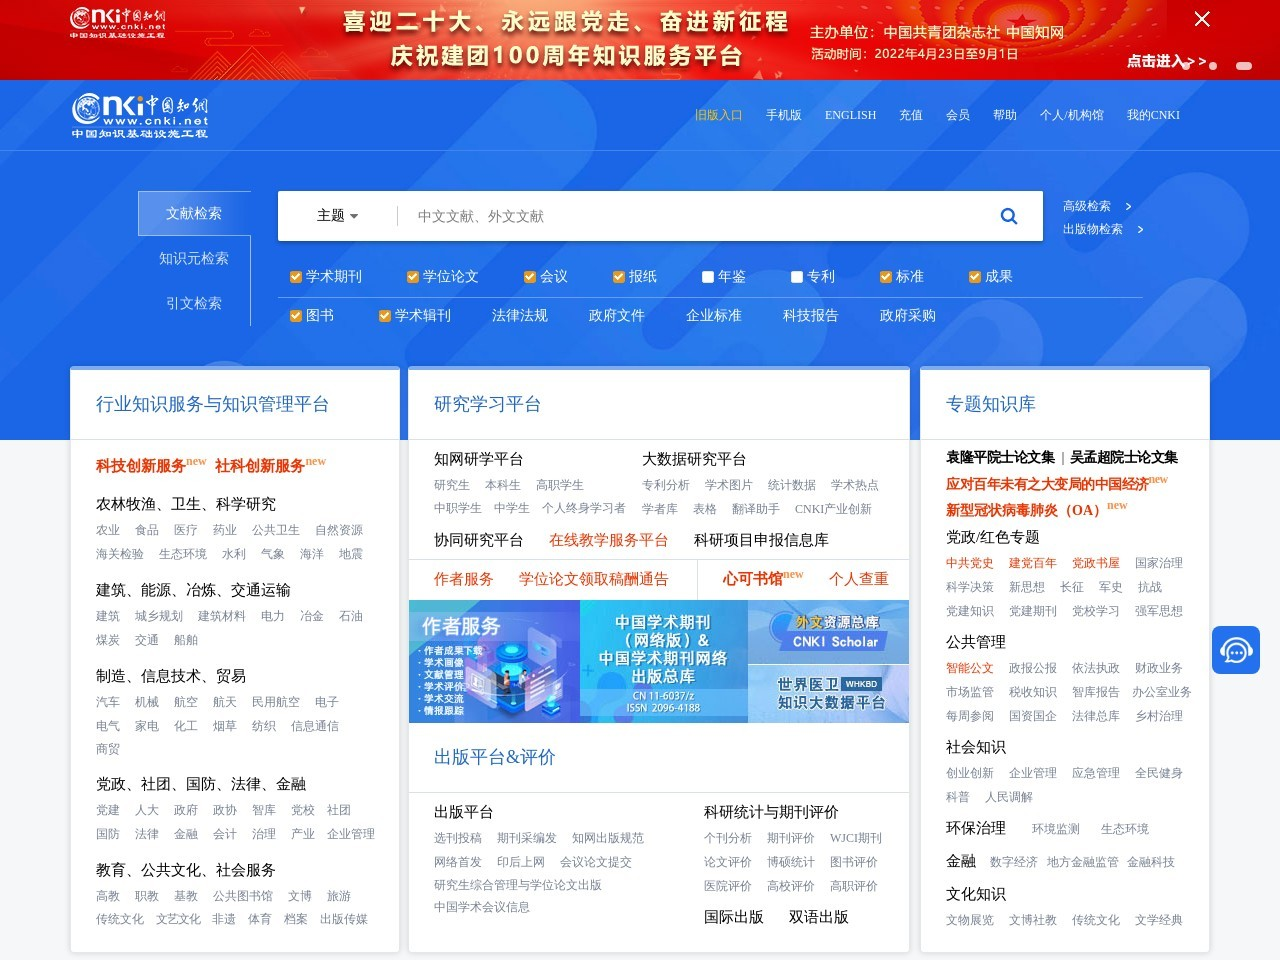 中国知网的网站截图